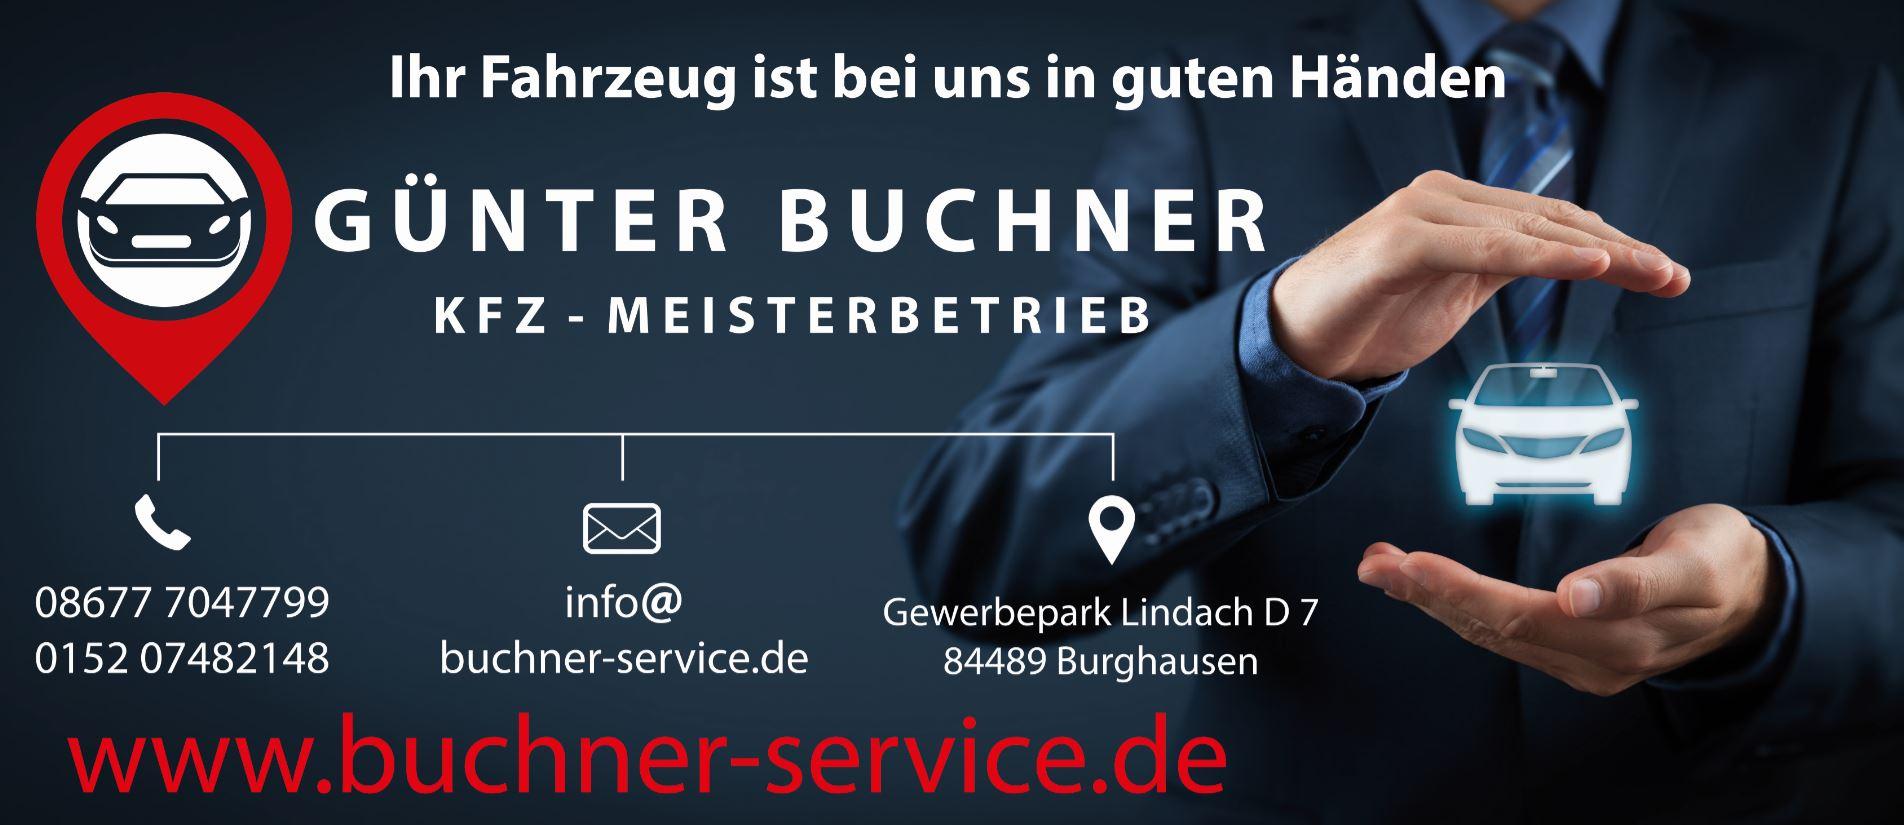 Günter Buchner - Kfz-Meisterbetrieb